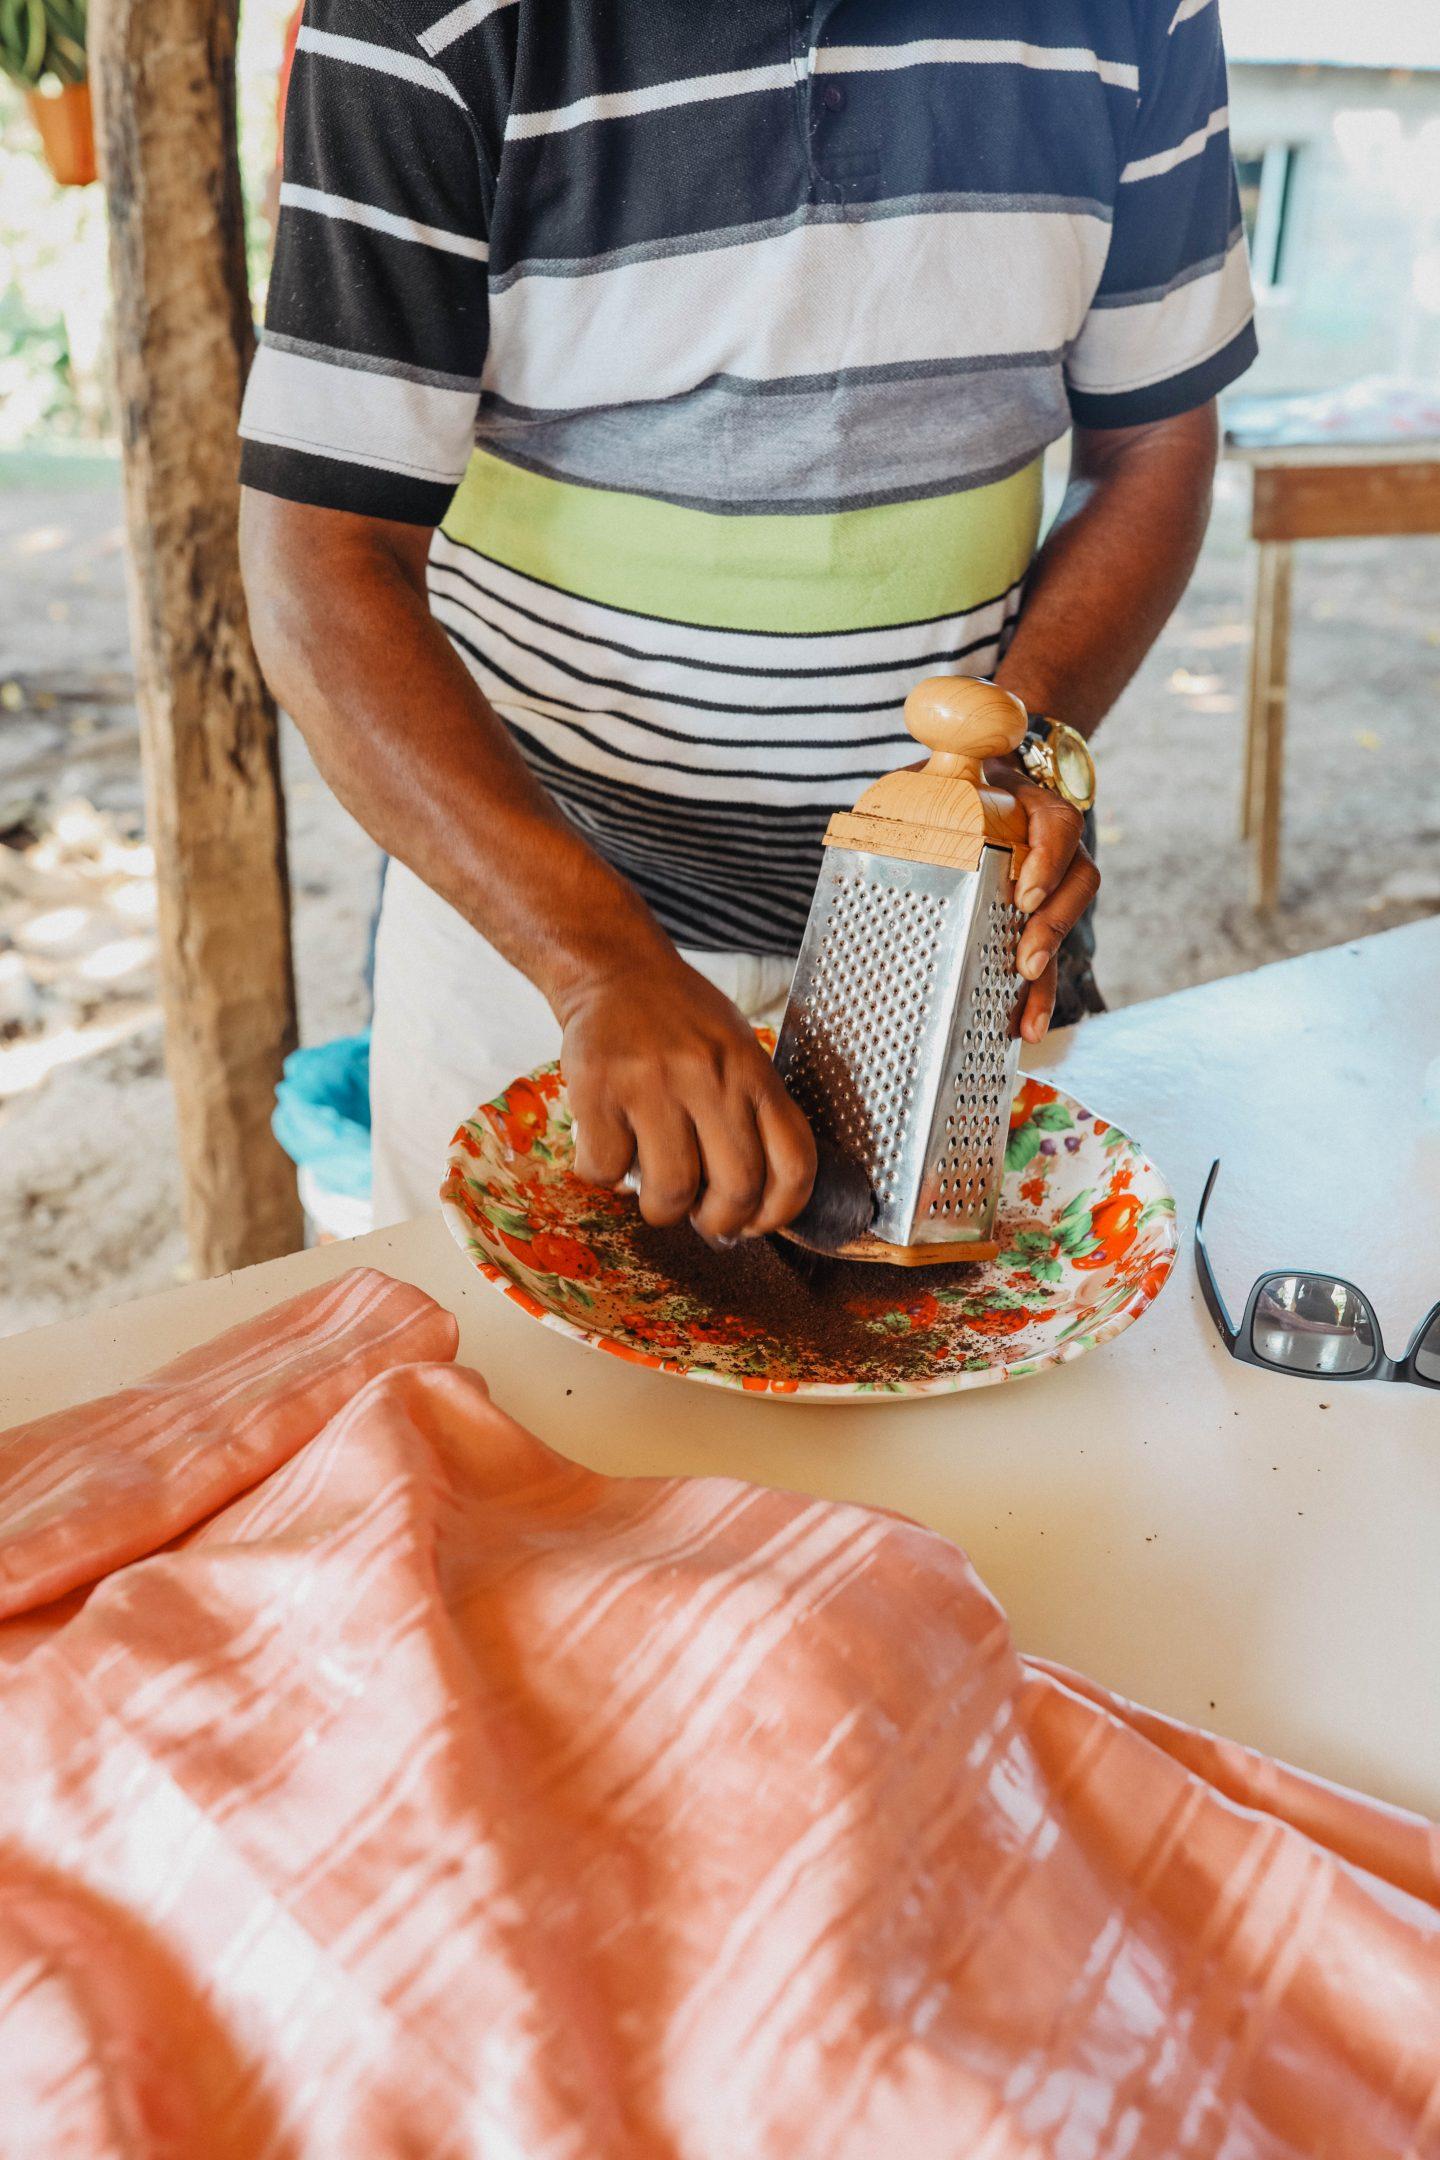 dégustation de cacao artisanal république dominicaine marie and mood blog